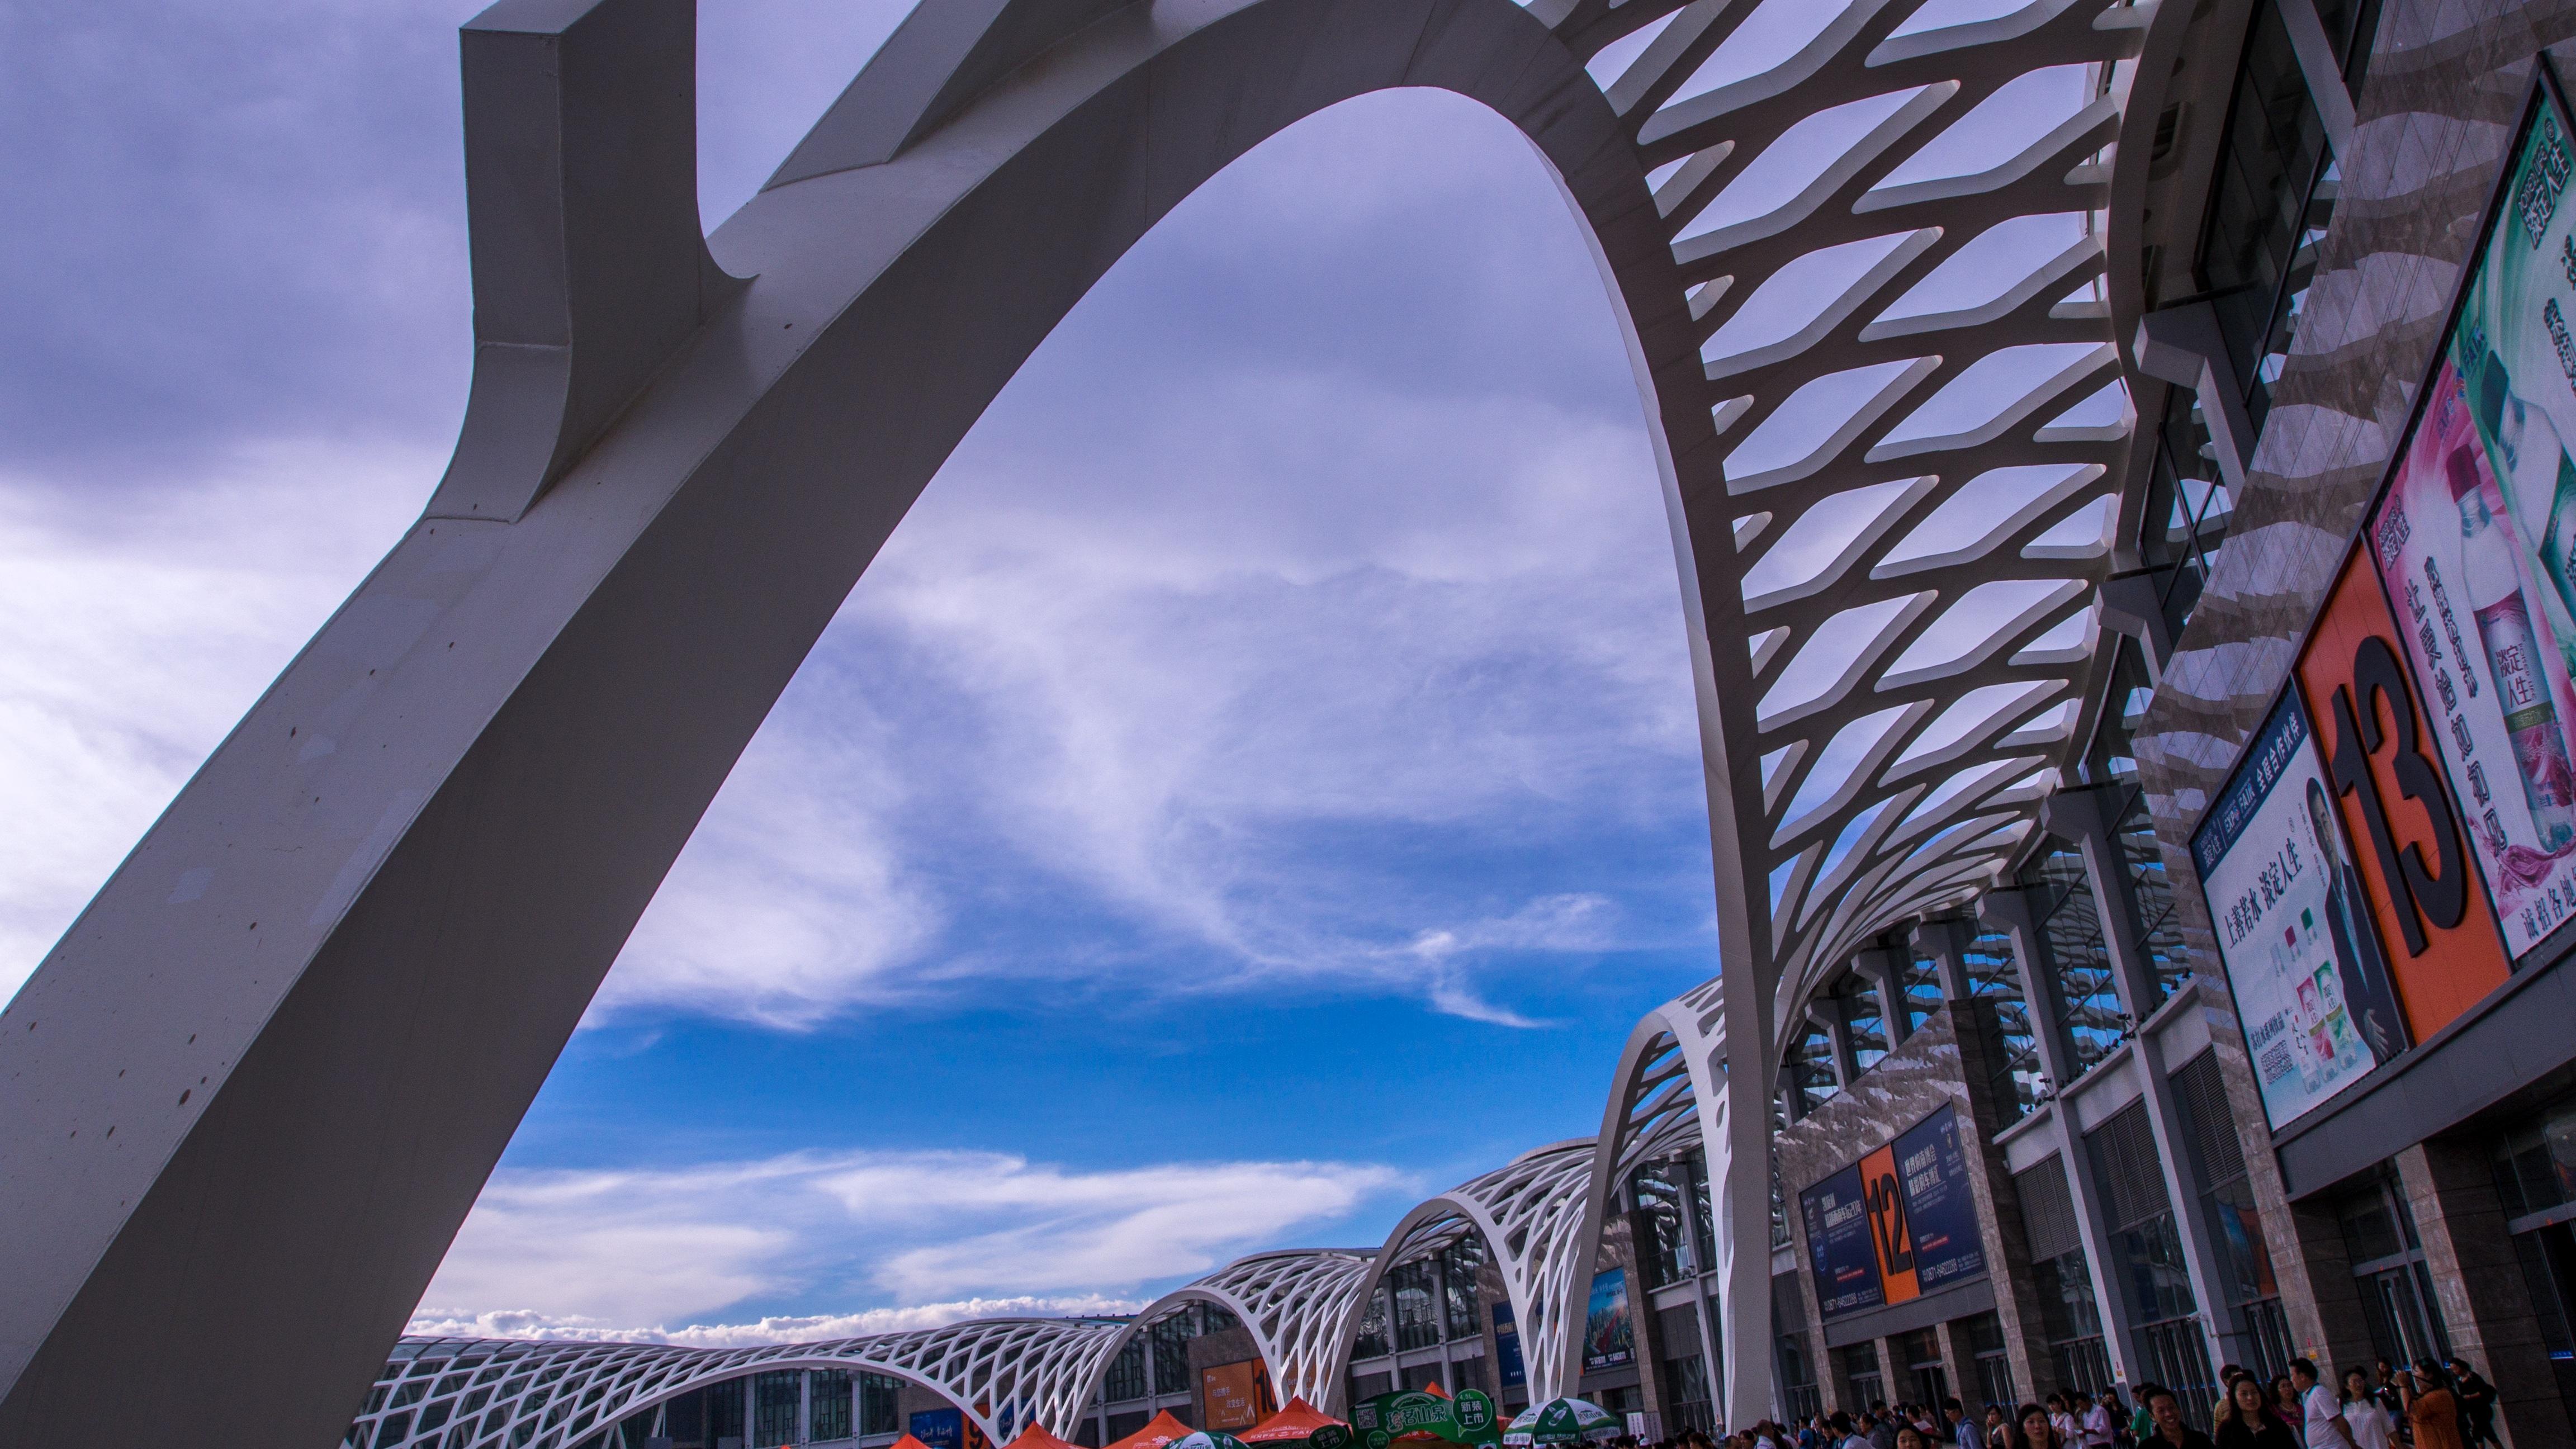 Bogen Stehle kostenlose foto die architektur struktur brücke gebäude stadt